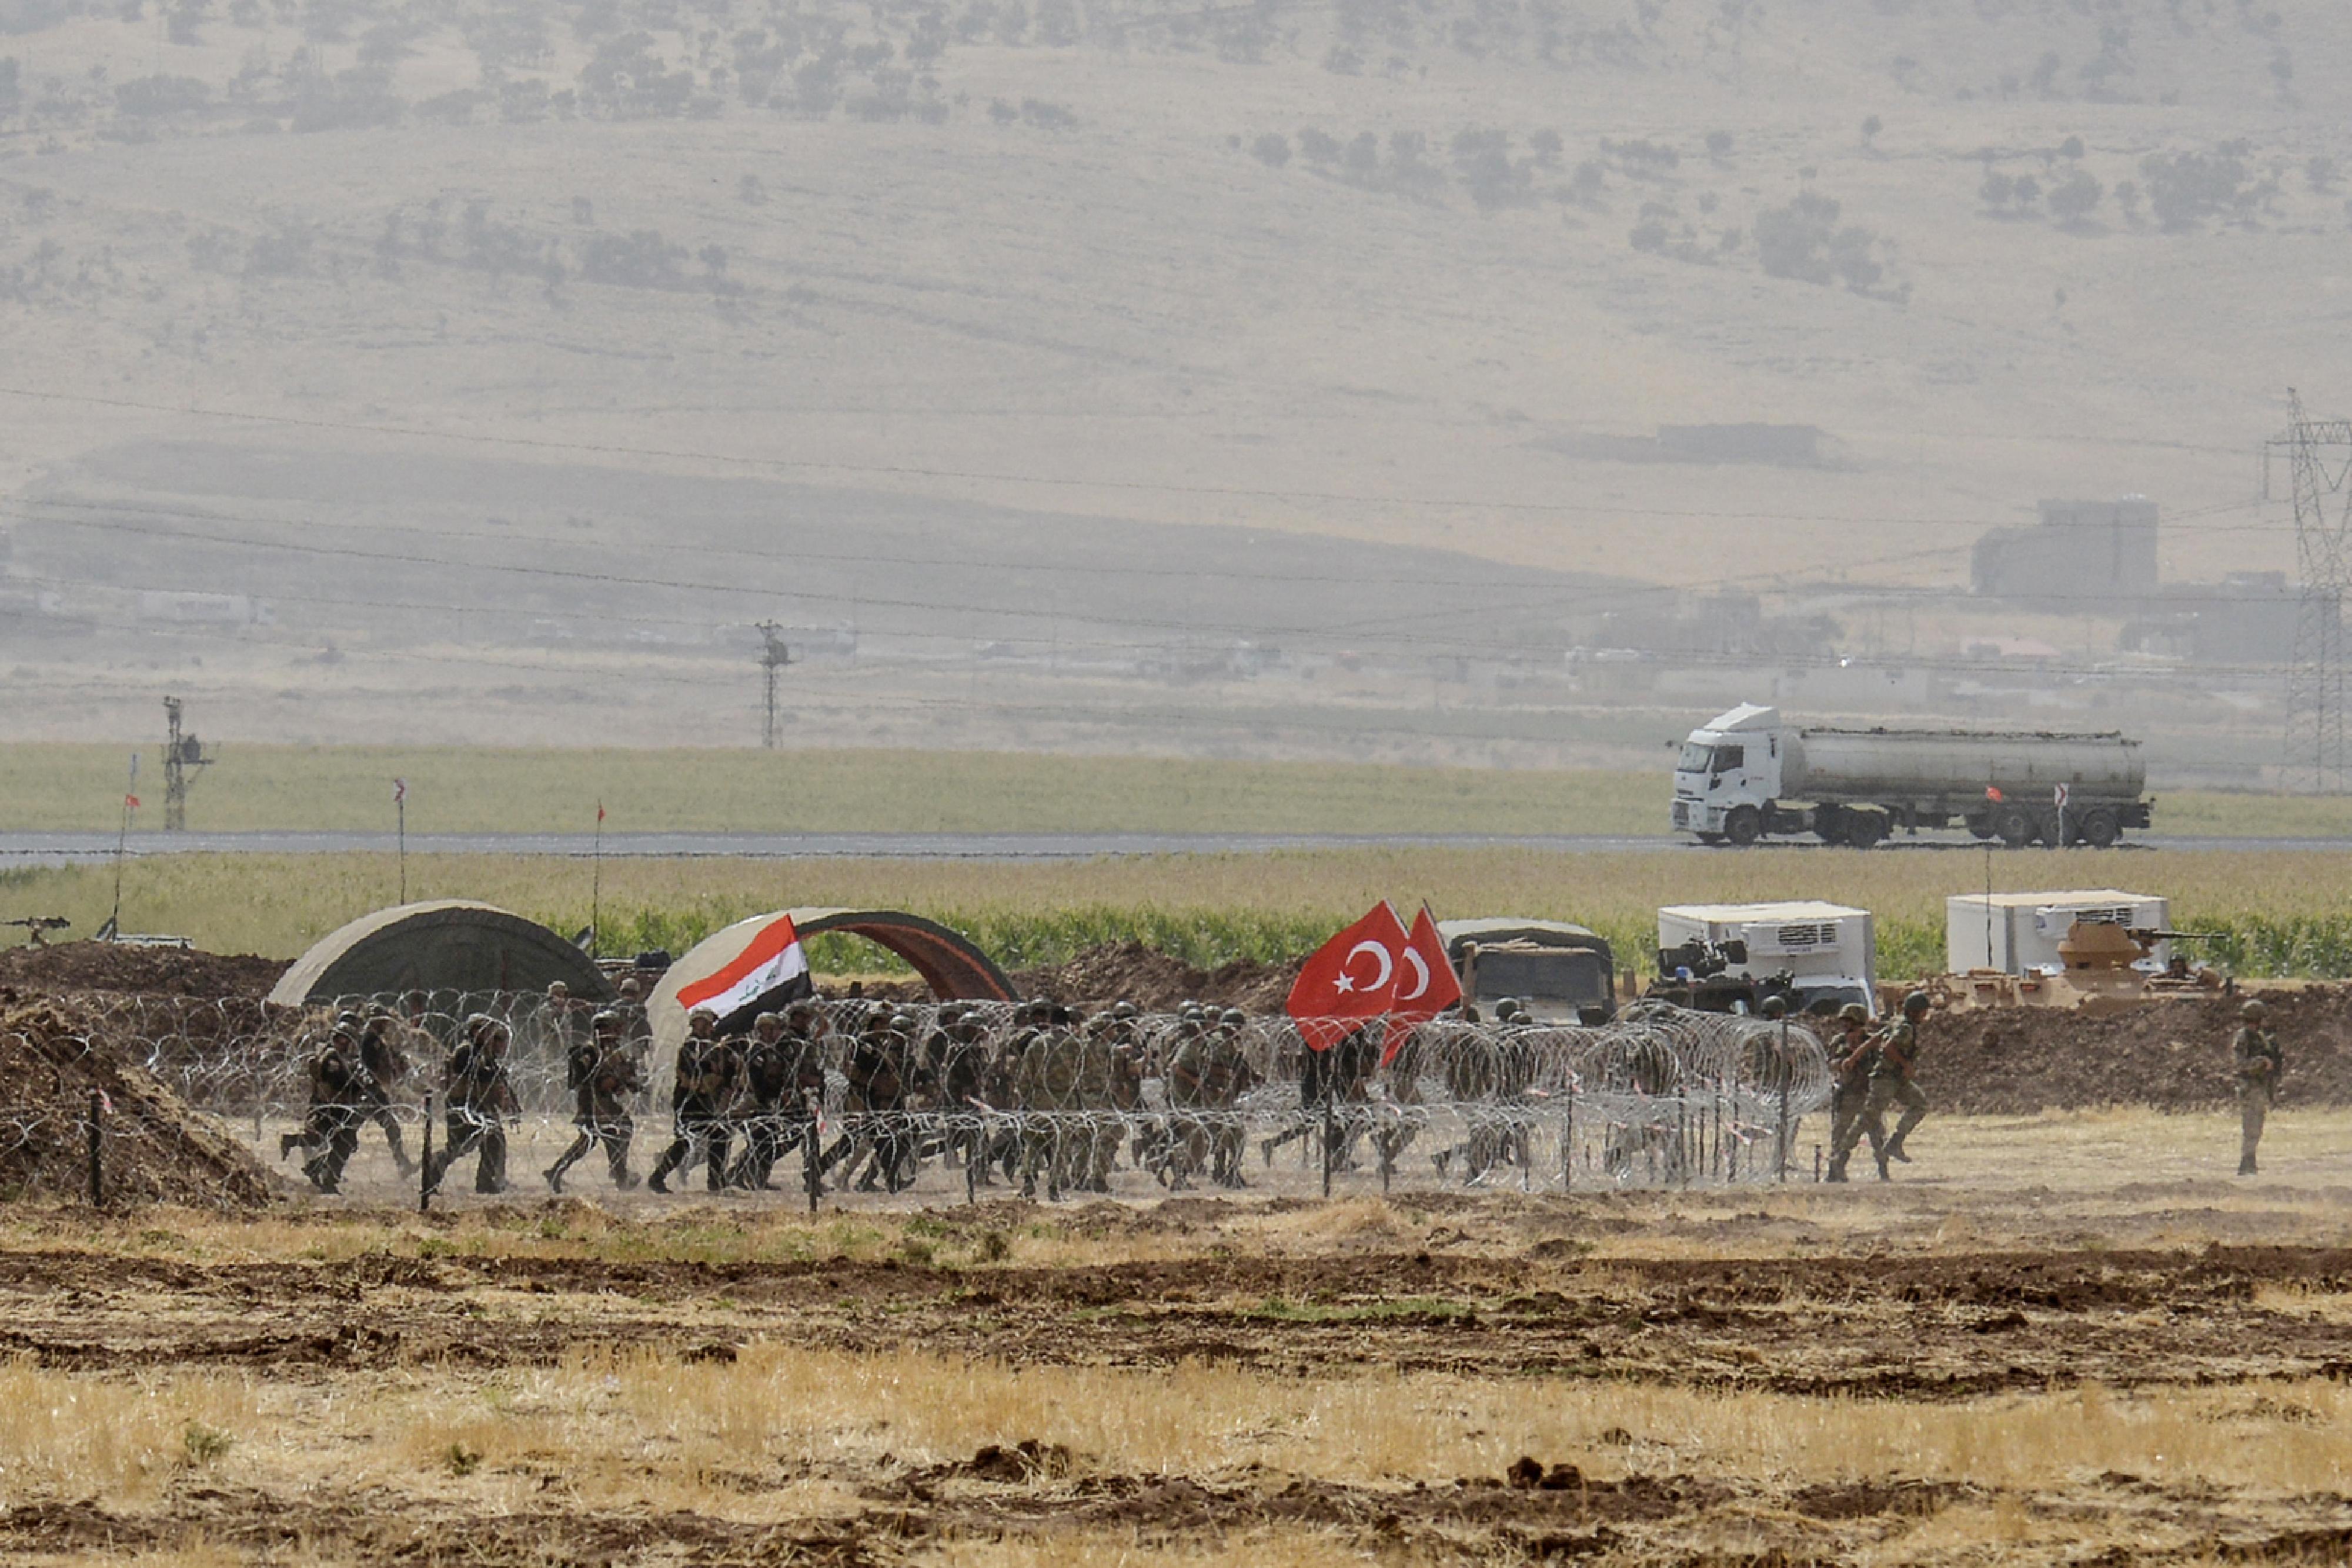 قوات عراقية وتركية خلال المناورات العسكرية على الحدود بين البلدين